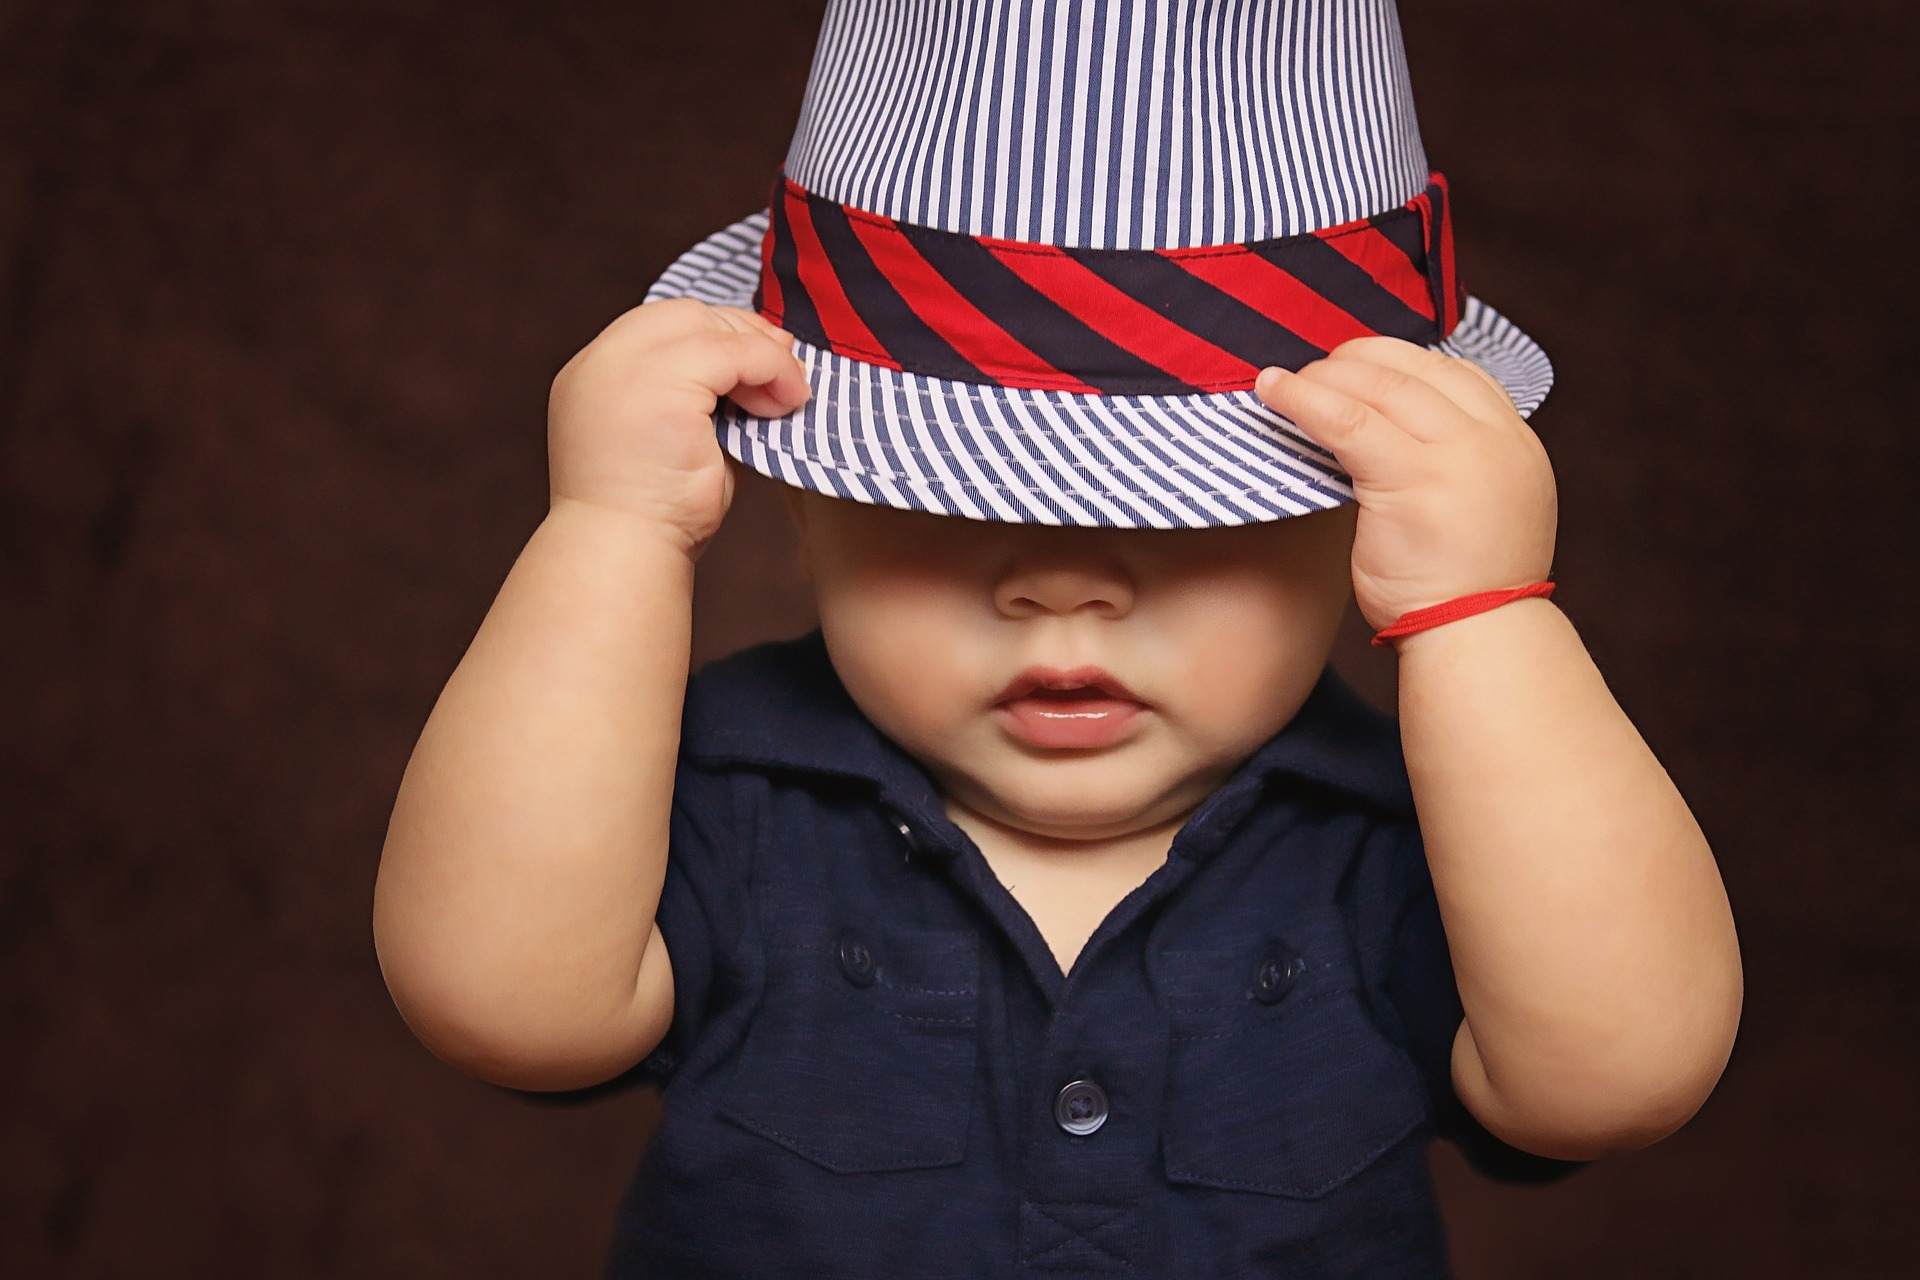 Osobowość niemowlaka - czy istnieje?